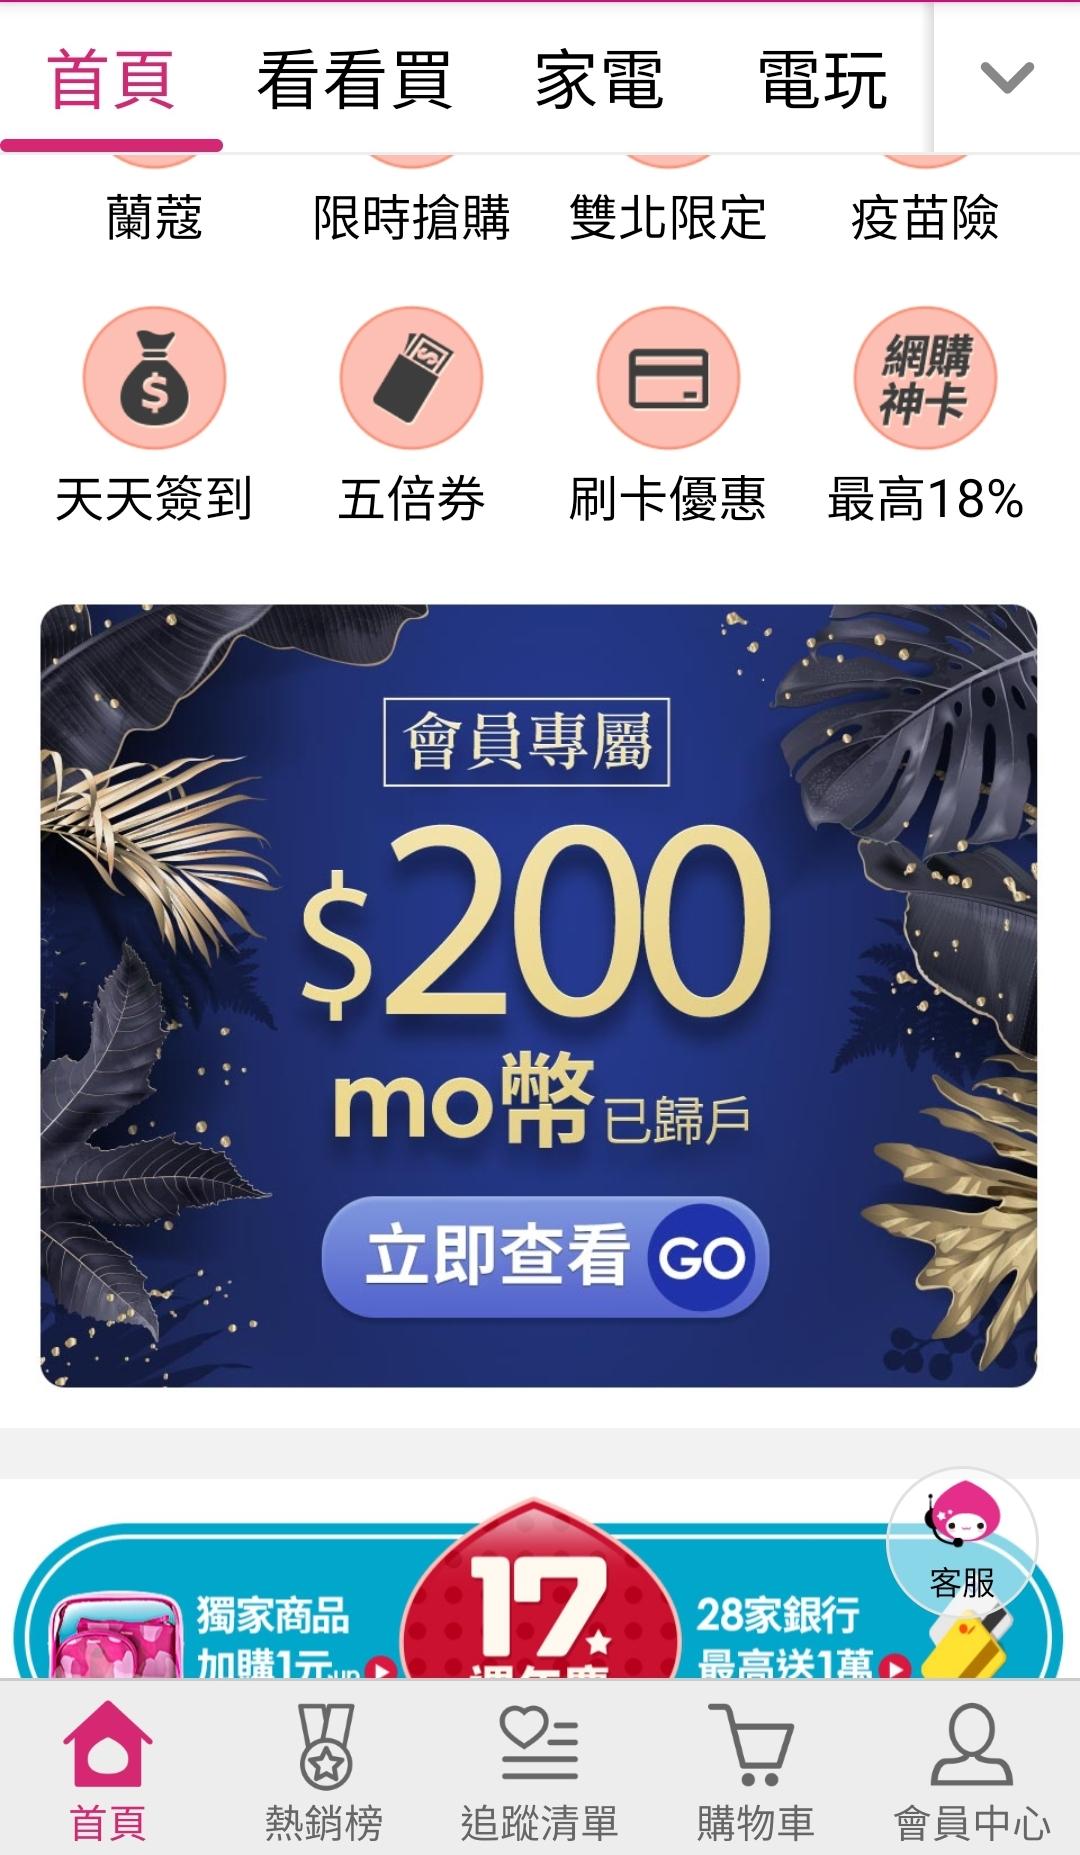 [情報] momo 200mo幣活動